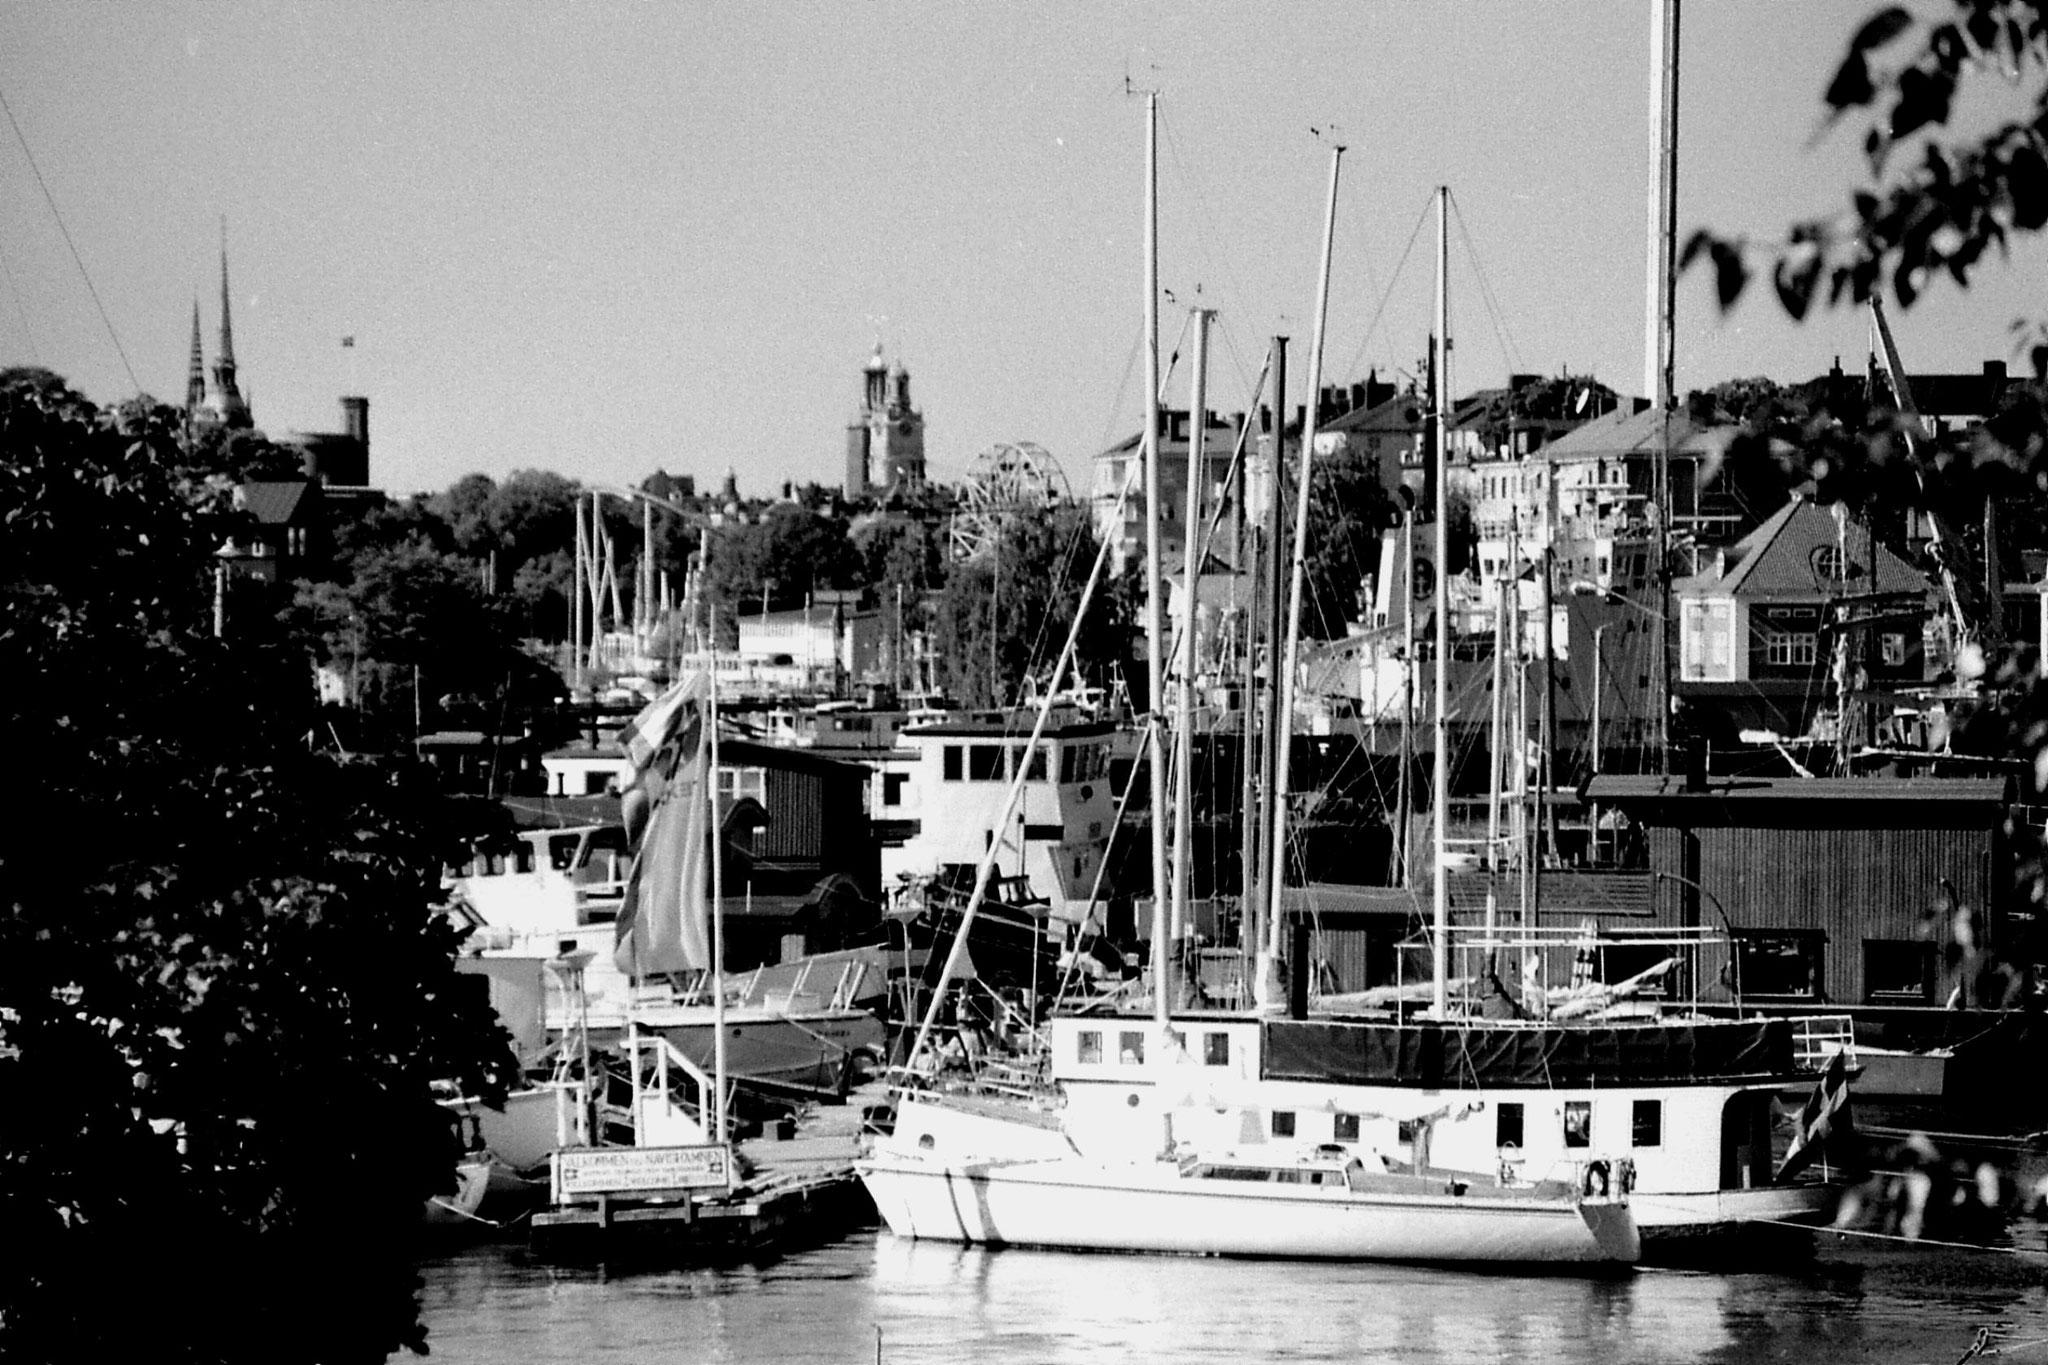 7/9/1988: 36: Stockholm harbour